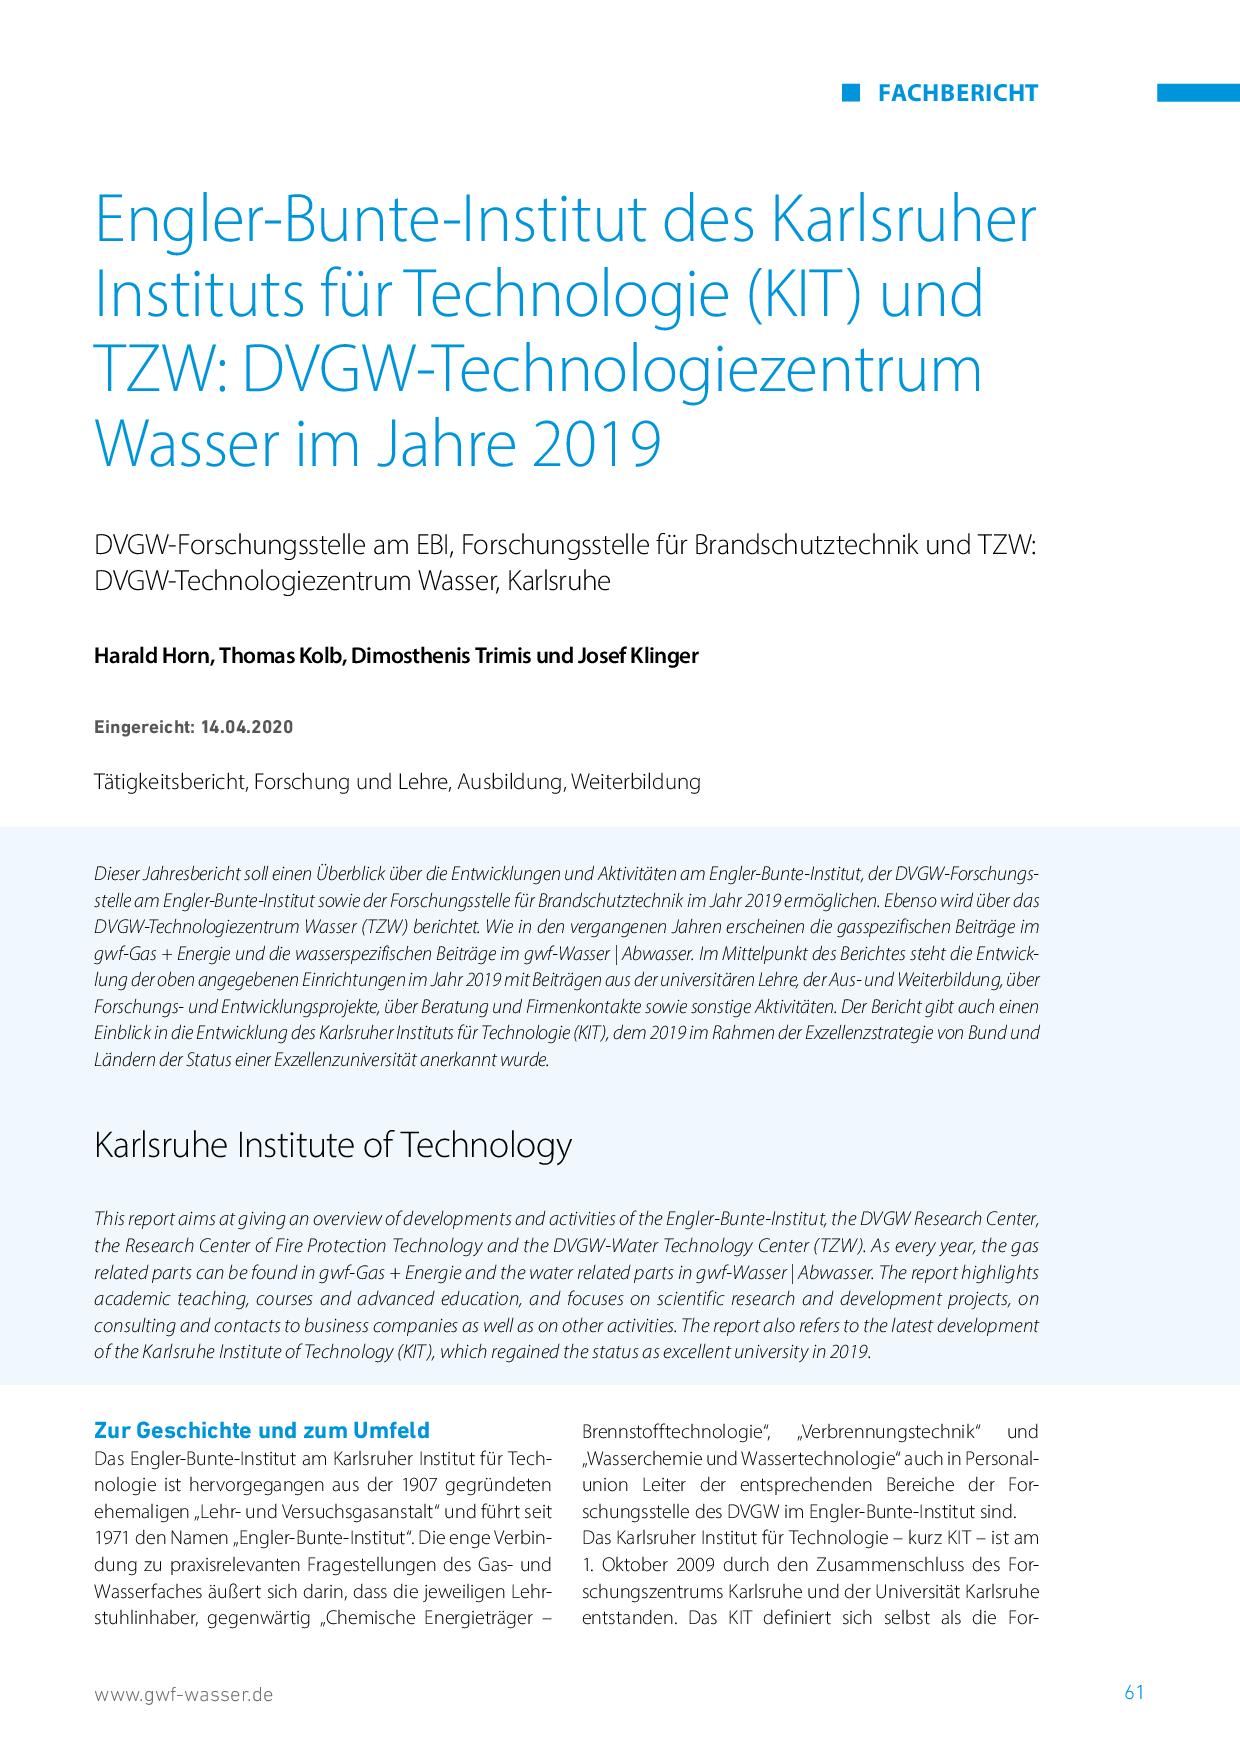 Engler-Bunte-Institut des Karlsruher Instituts für Technologie (KIT) und TZW: DVGW-Technologiezentrum Wasser im Jahre 2019